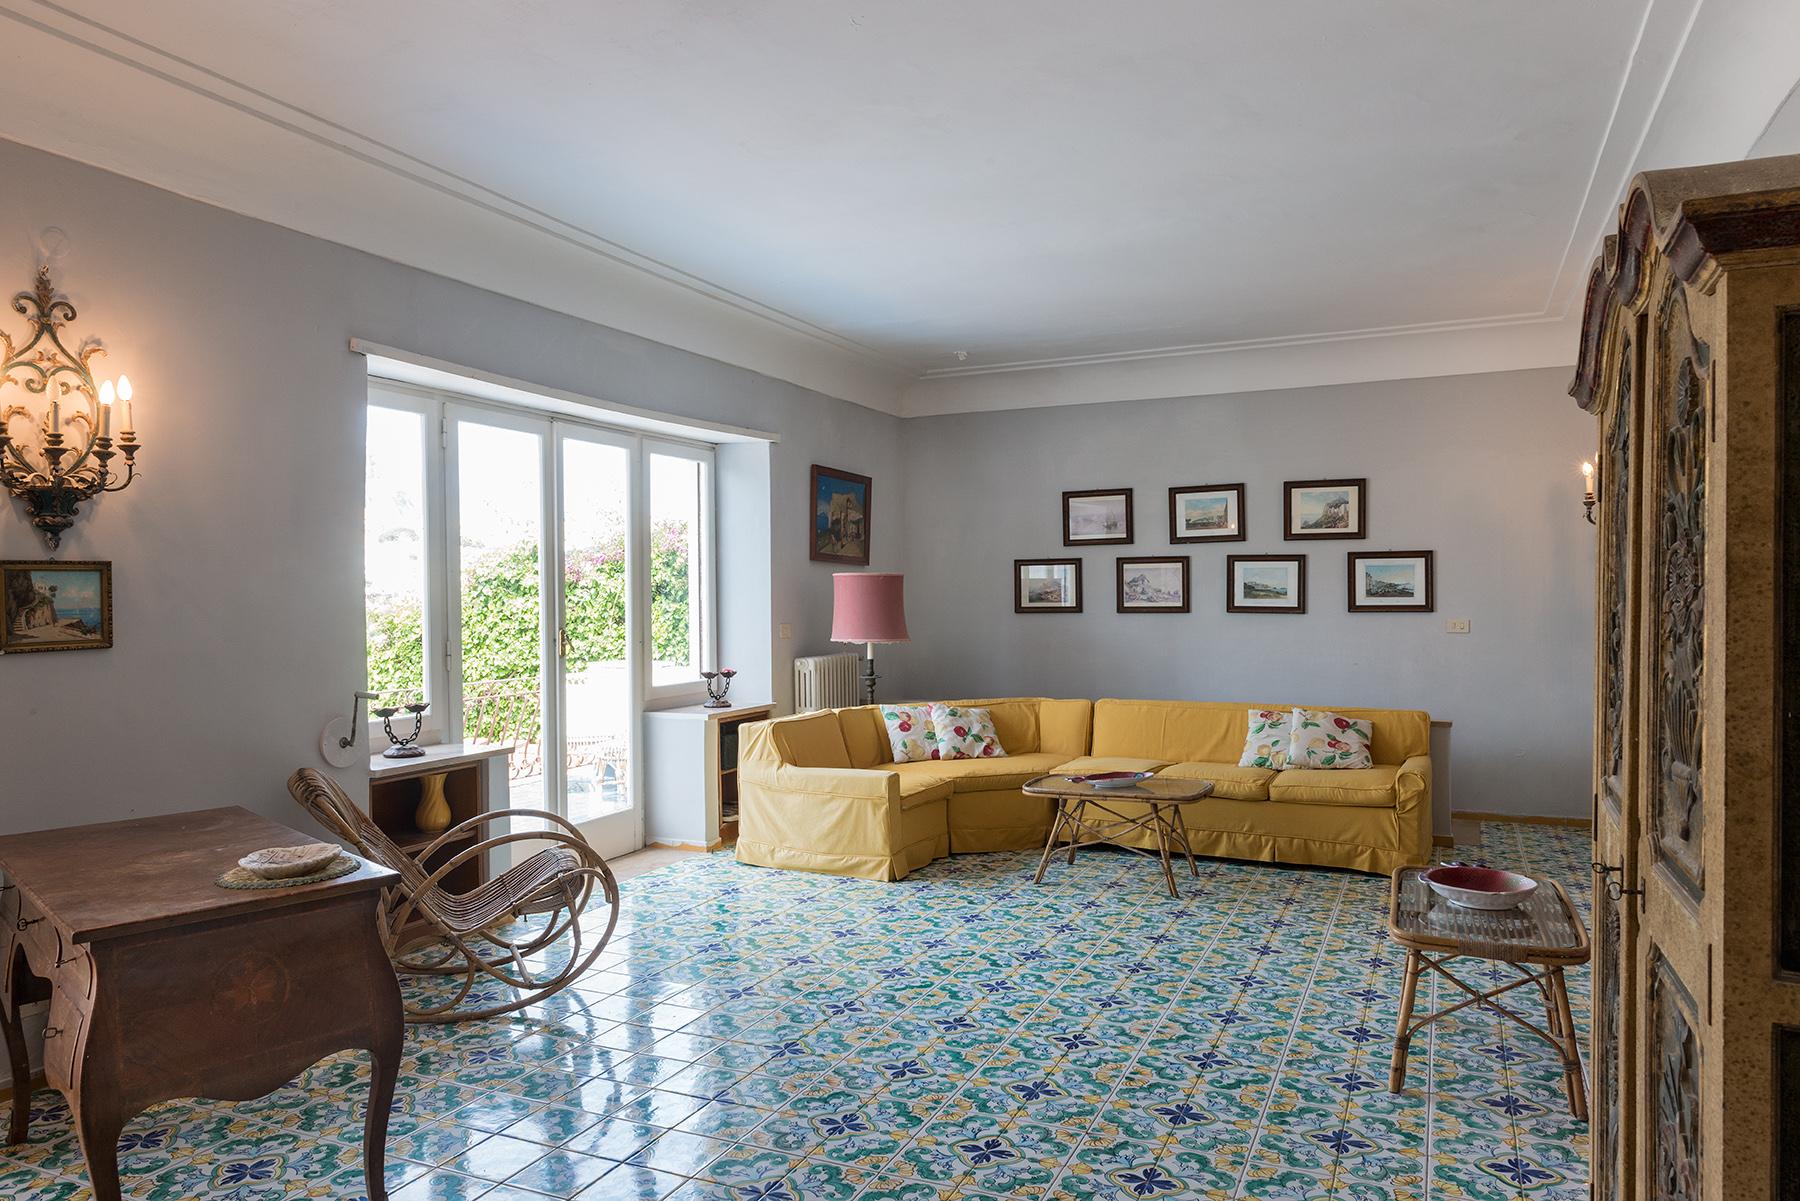 Villa in Vendita a Capri: 5 locali, 300 mq - Foto 4